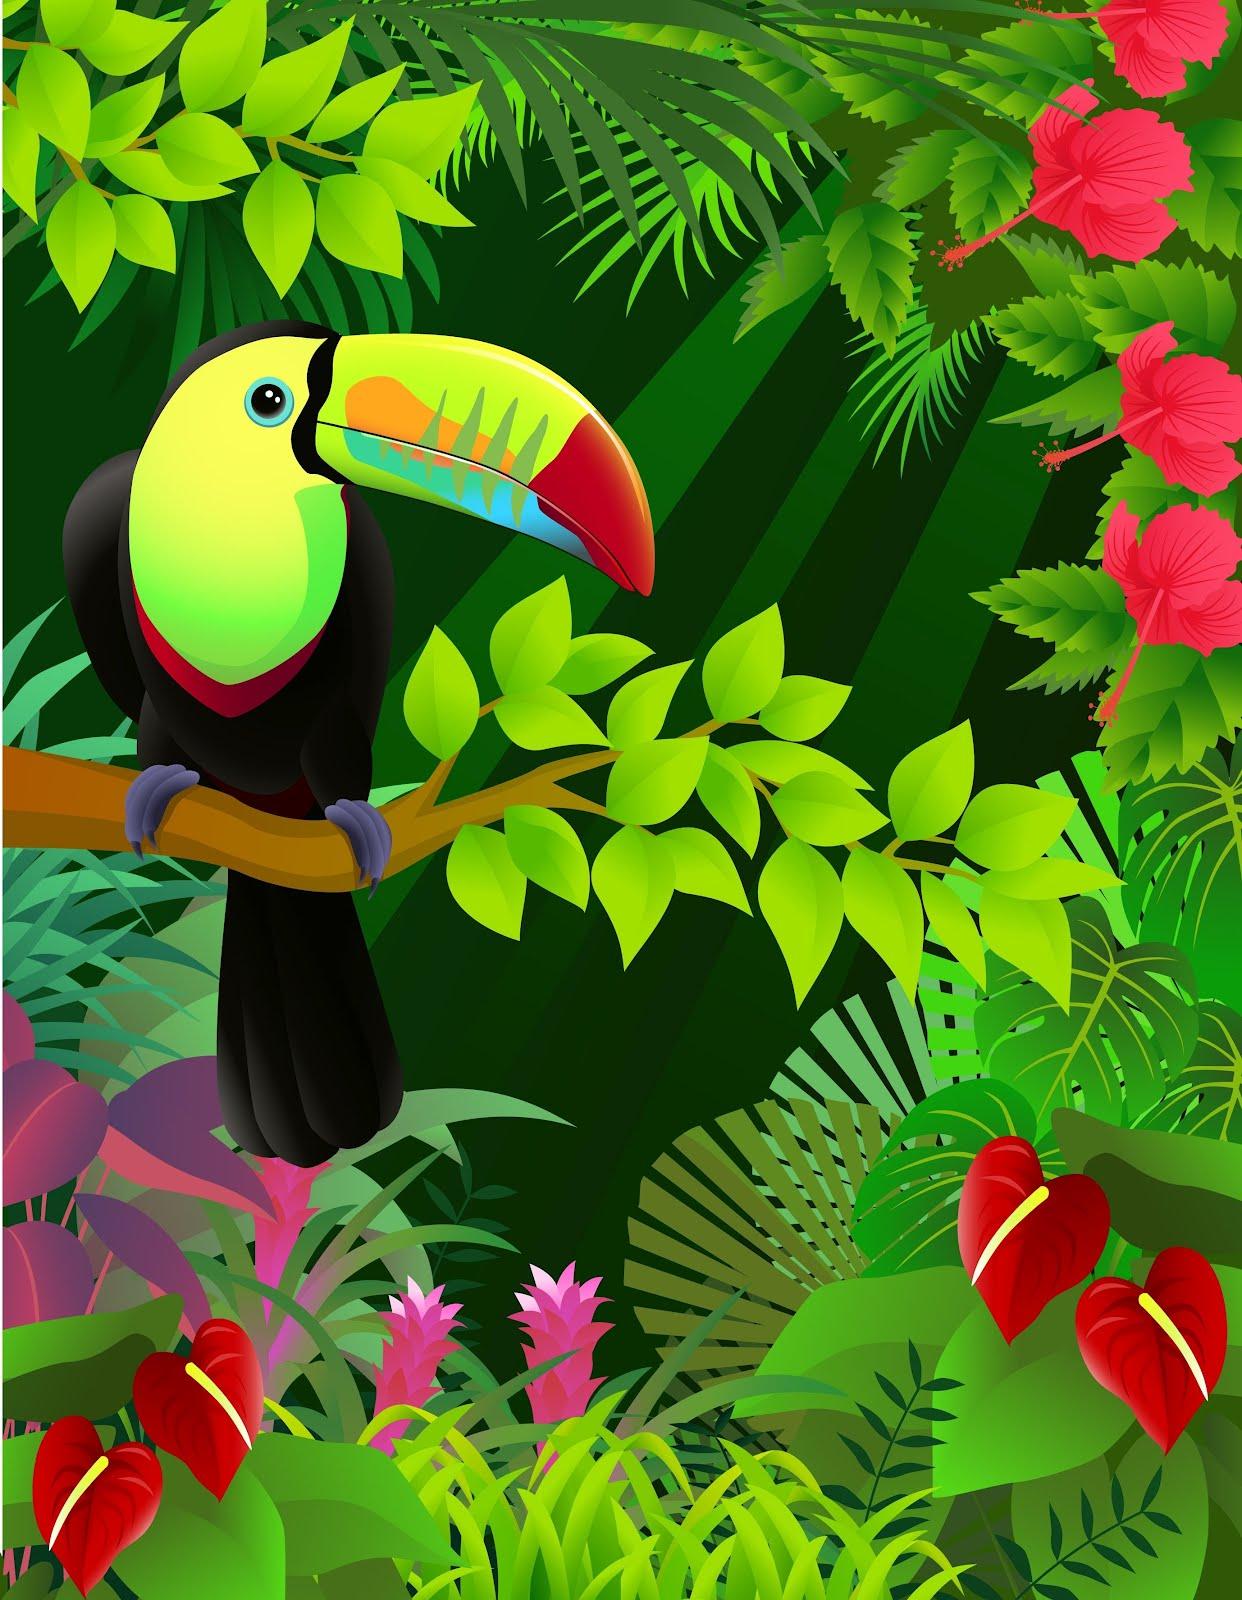 idool Ilustracin fantstica de un tucn de colores en la jungla